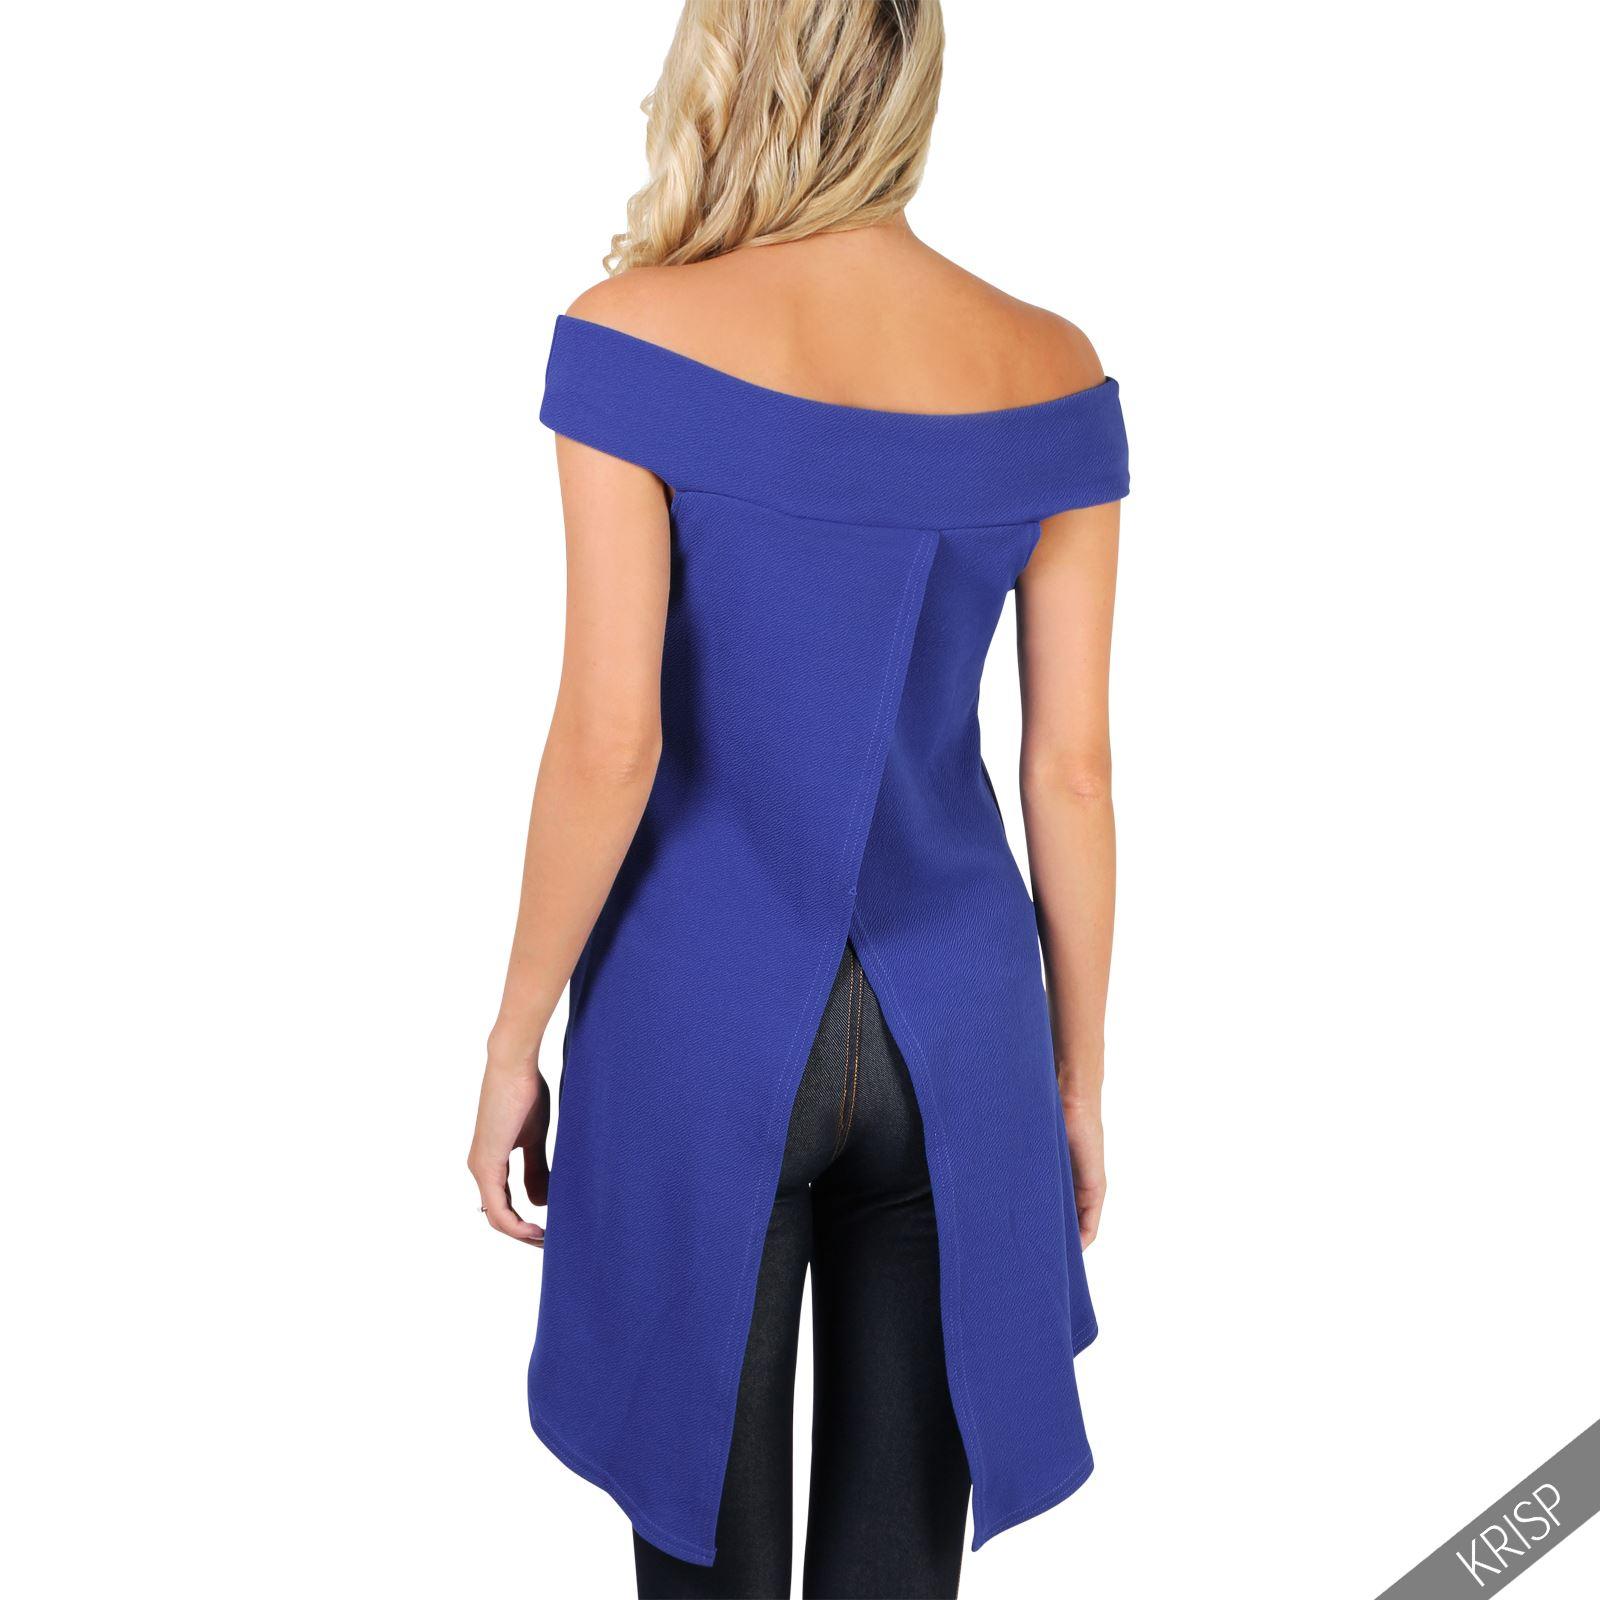 cold shoulder plus dresses long in back